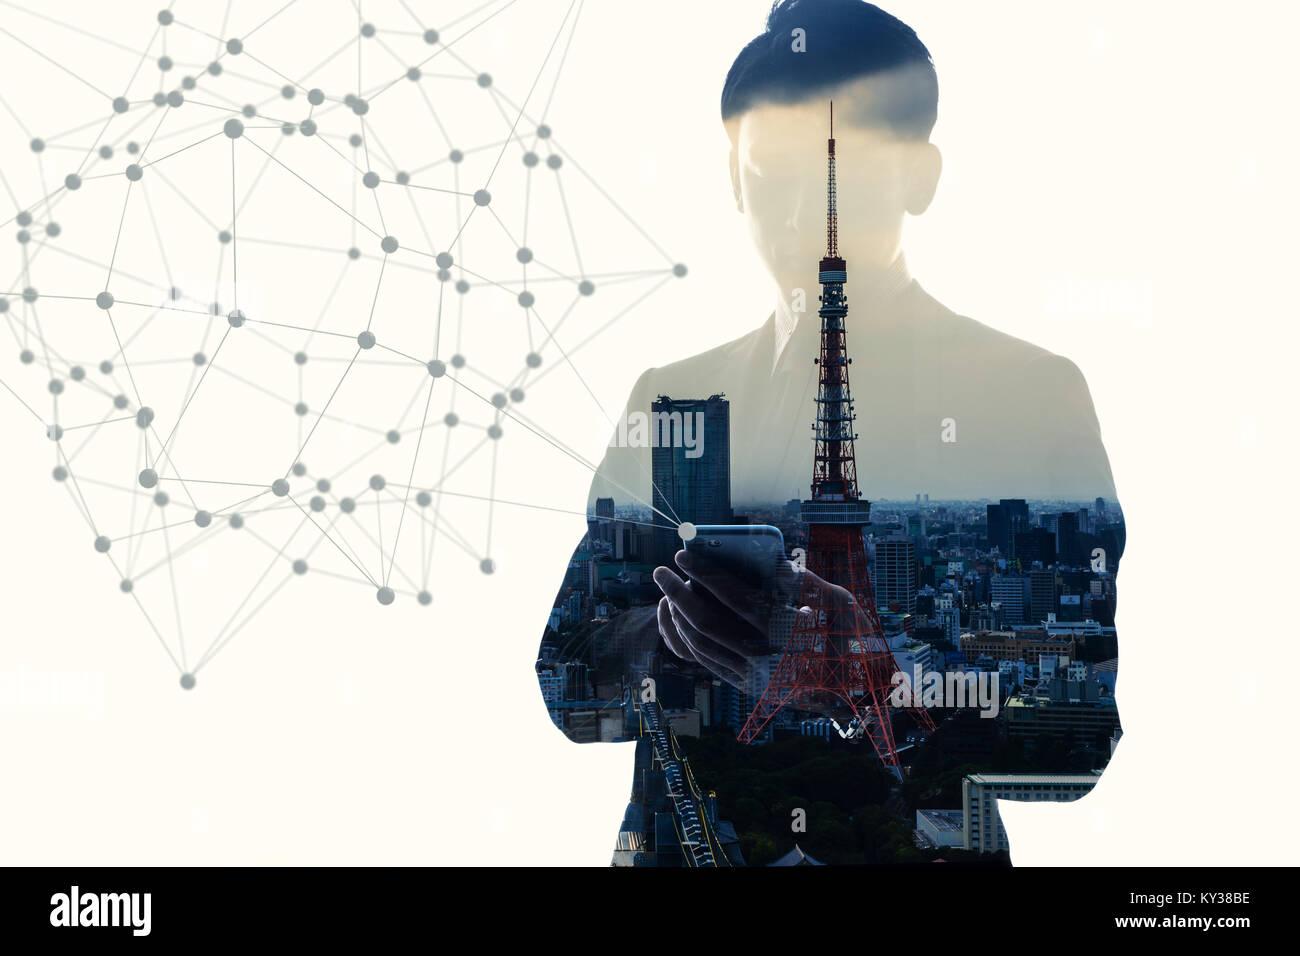 El concepto de red de comunicación móvil. Doble exposición abstracta. Imagen De Stock